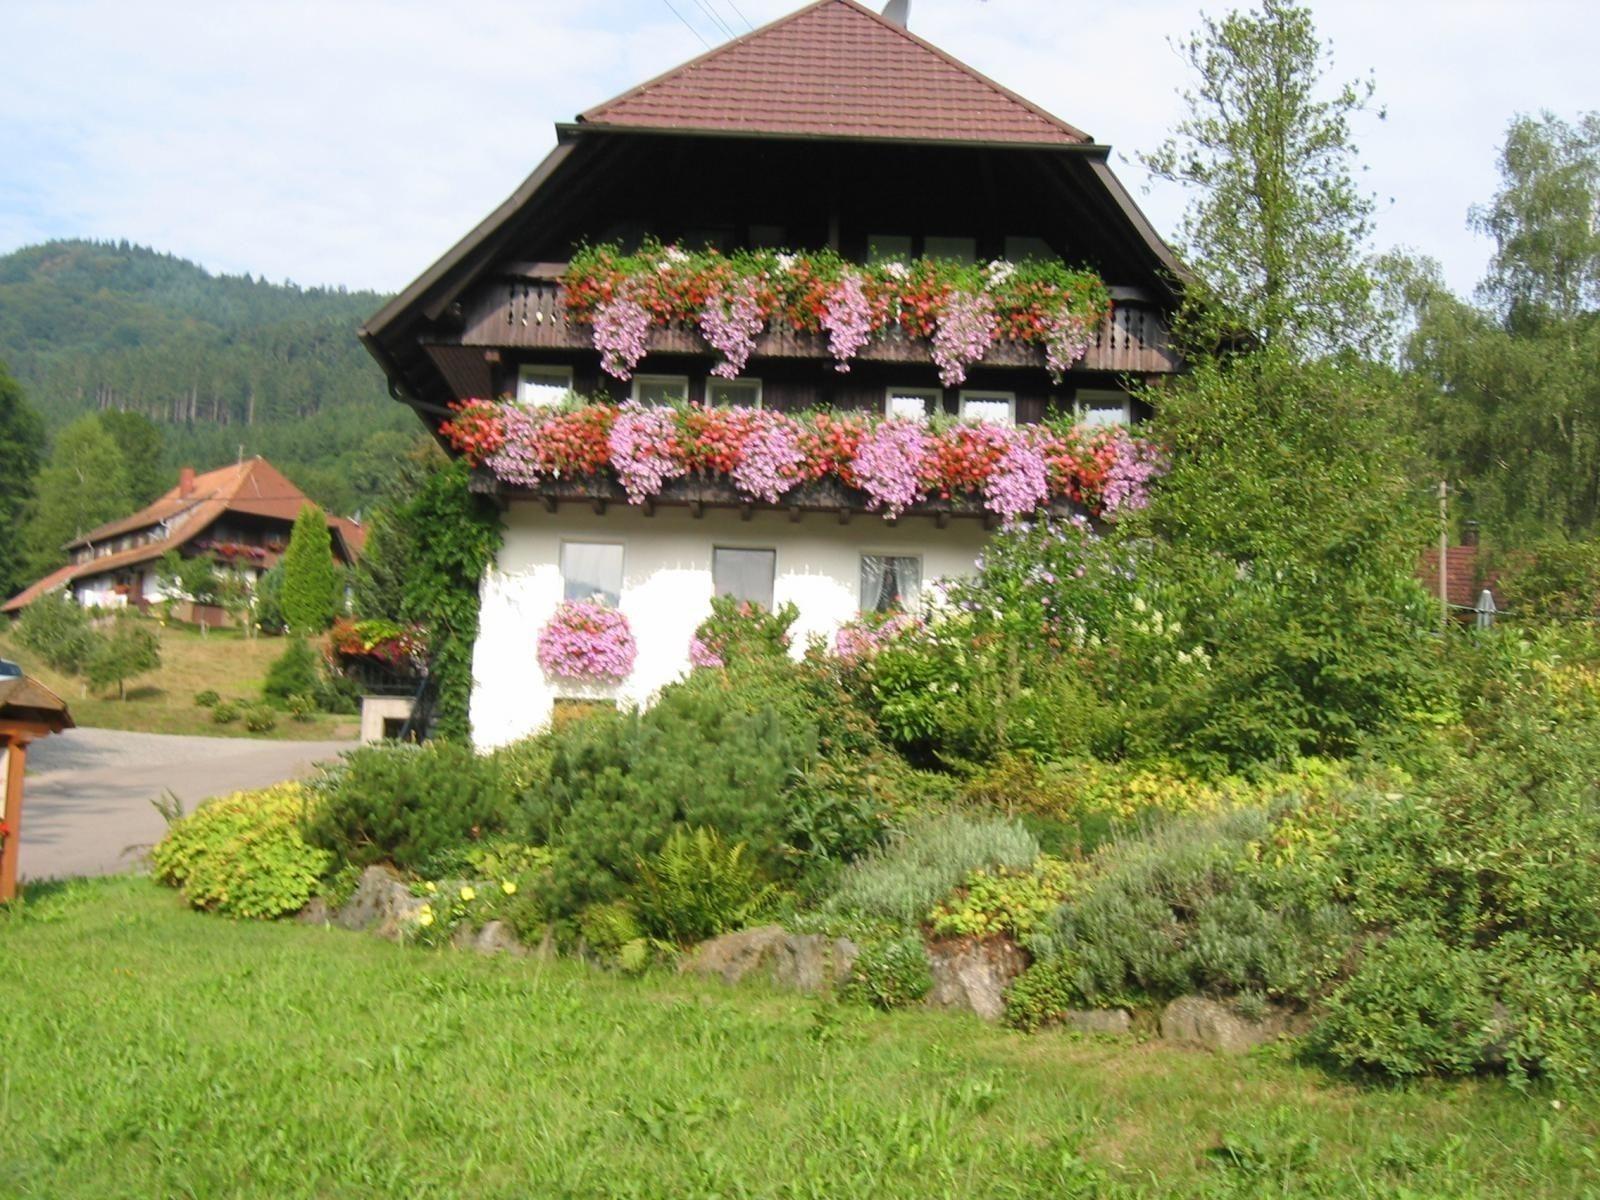 Haus Schneider, Ferienwohnung Schwarzwaldstüb Ferienwohnung in Baden Württemberg